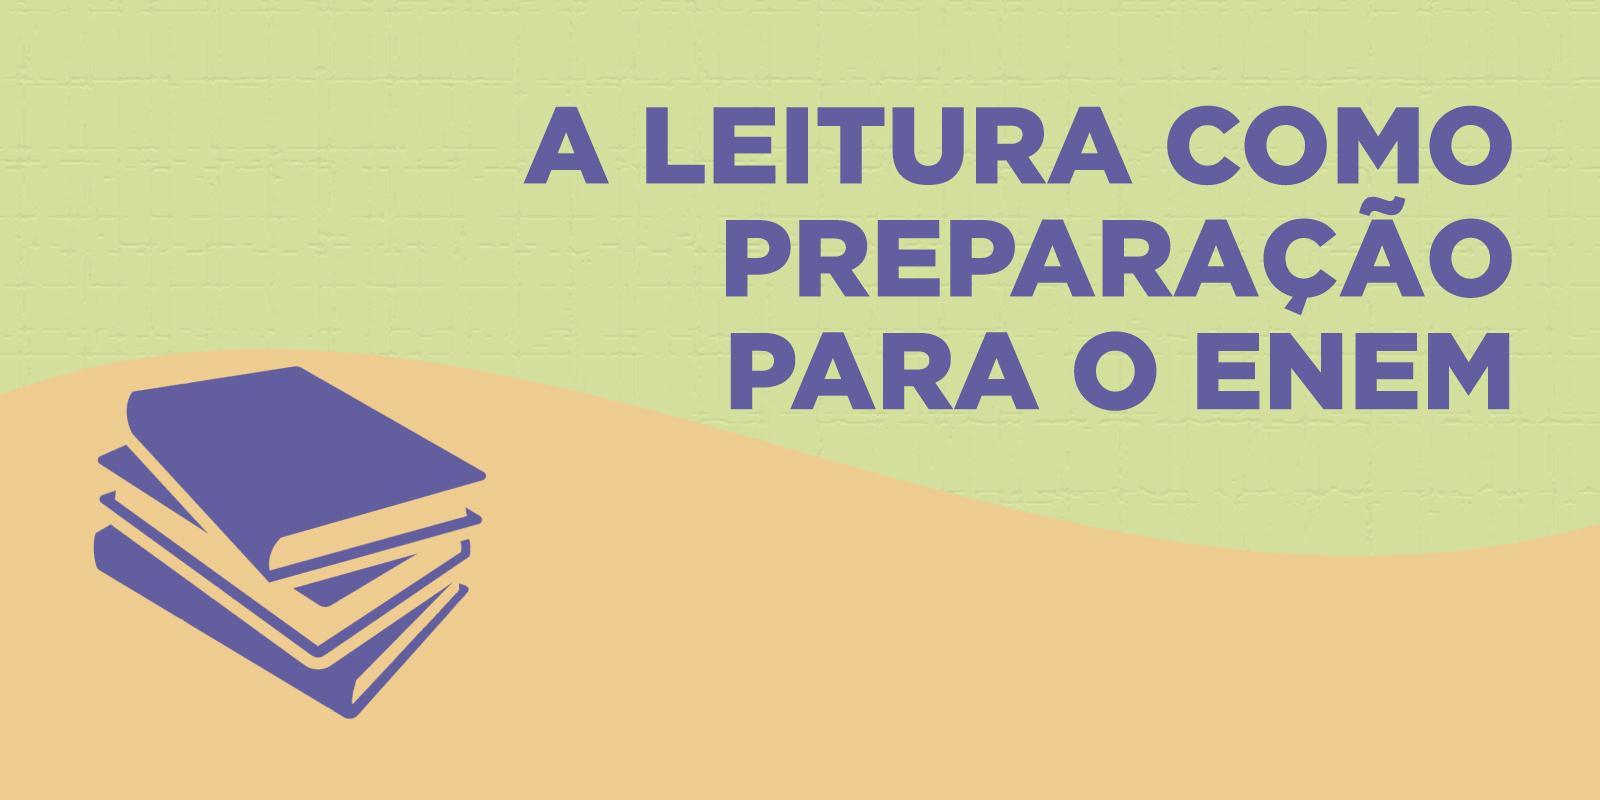 A leitura como preparação para o Enem